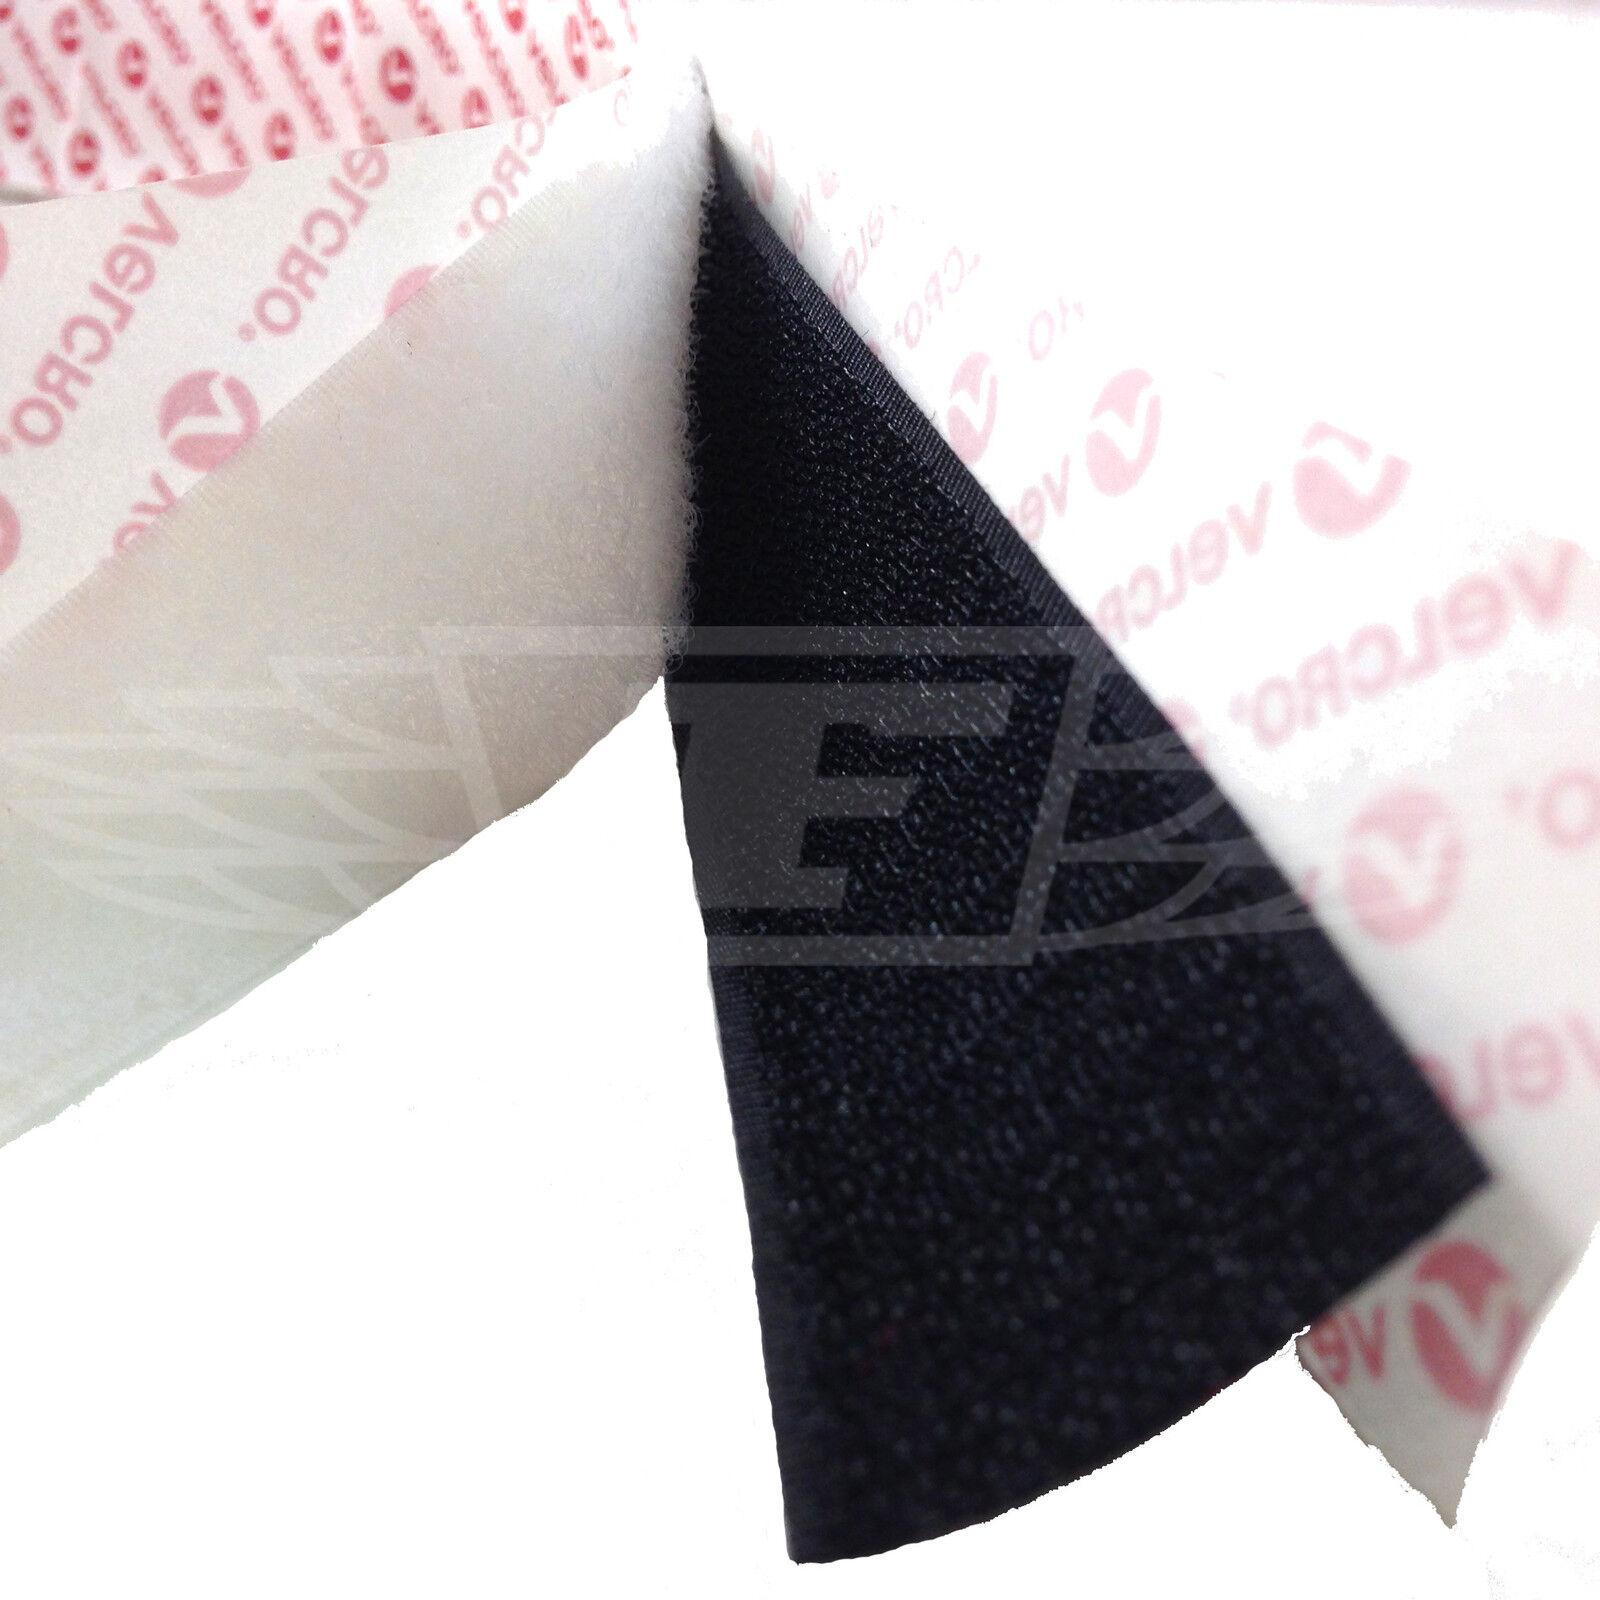 Velcro® Brand Black Hook /& Loop Tape Self Adhesive 10mm 16mm 20mm 25mm 50mm PS14